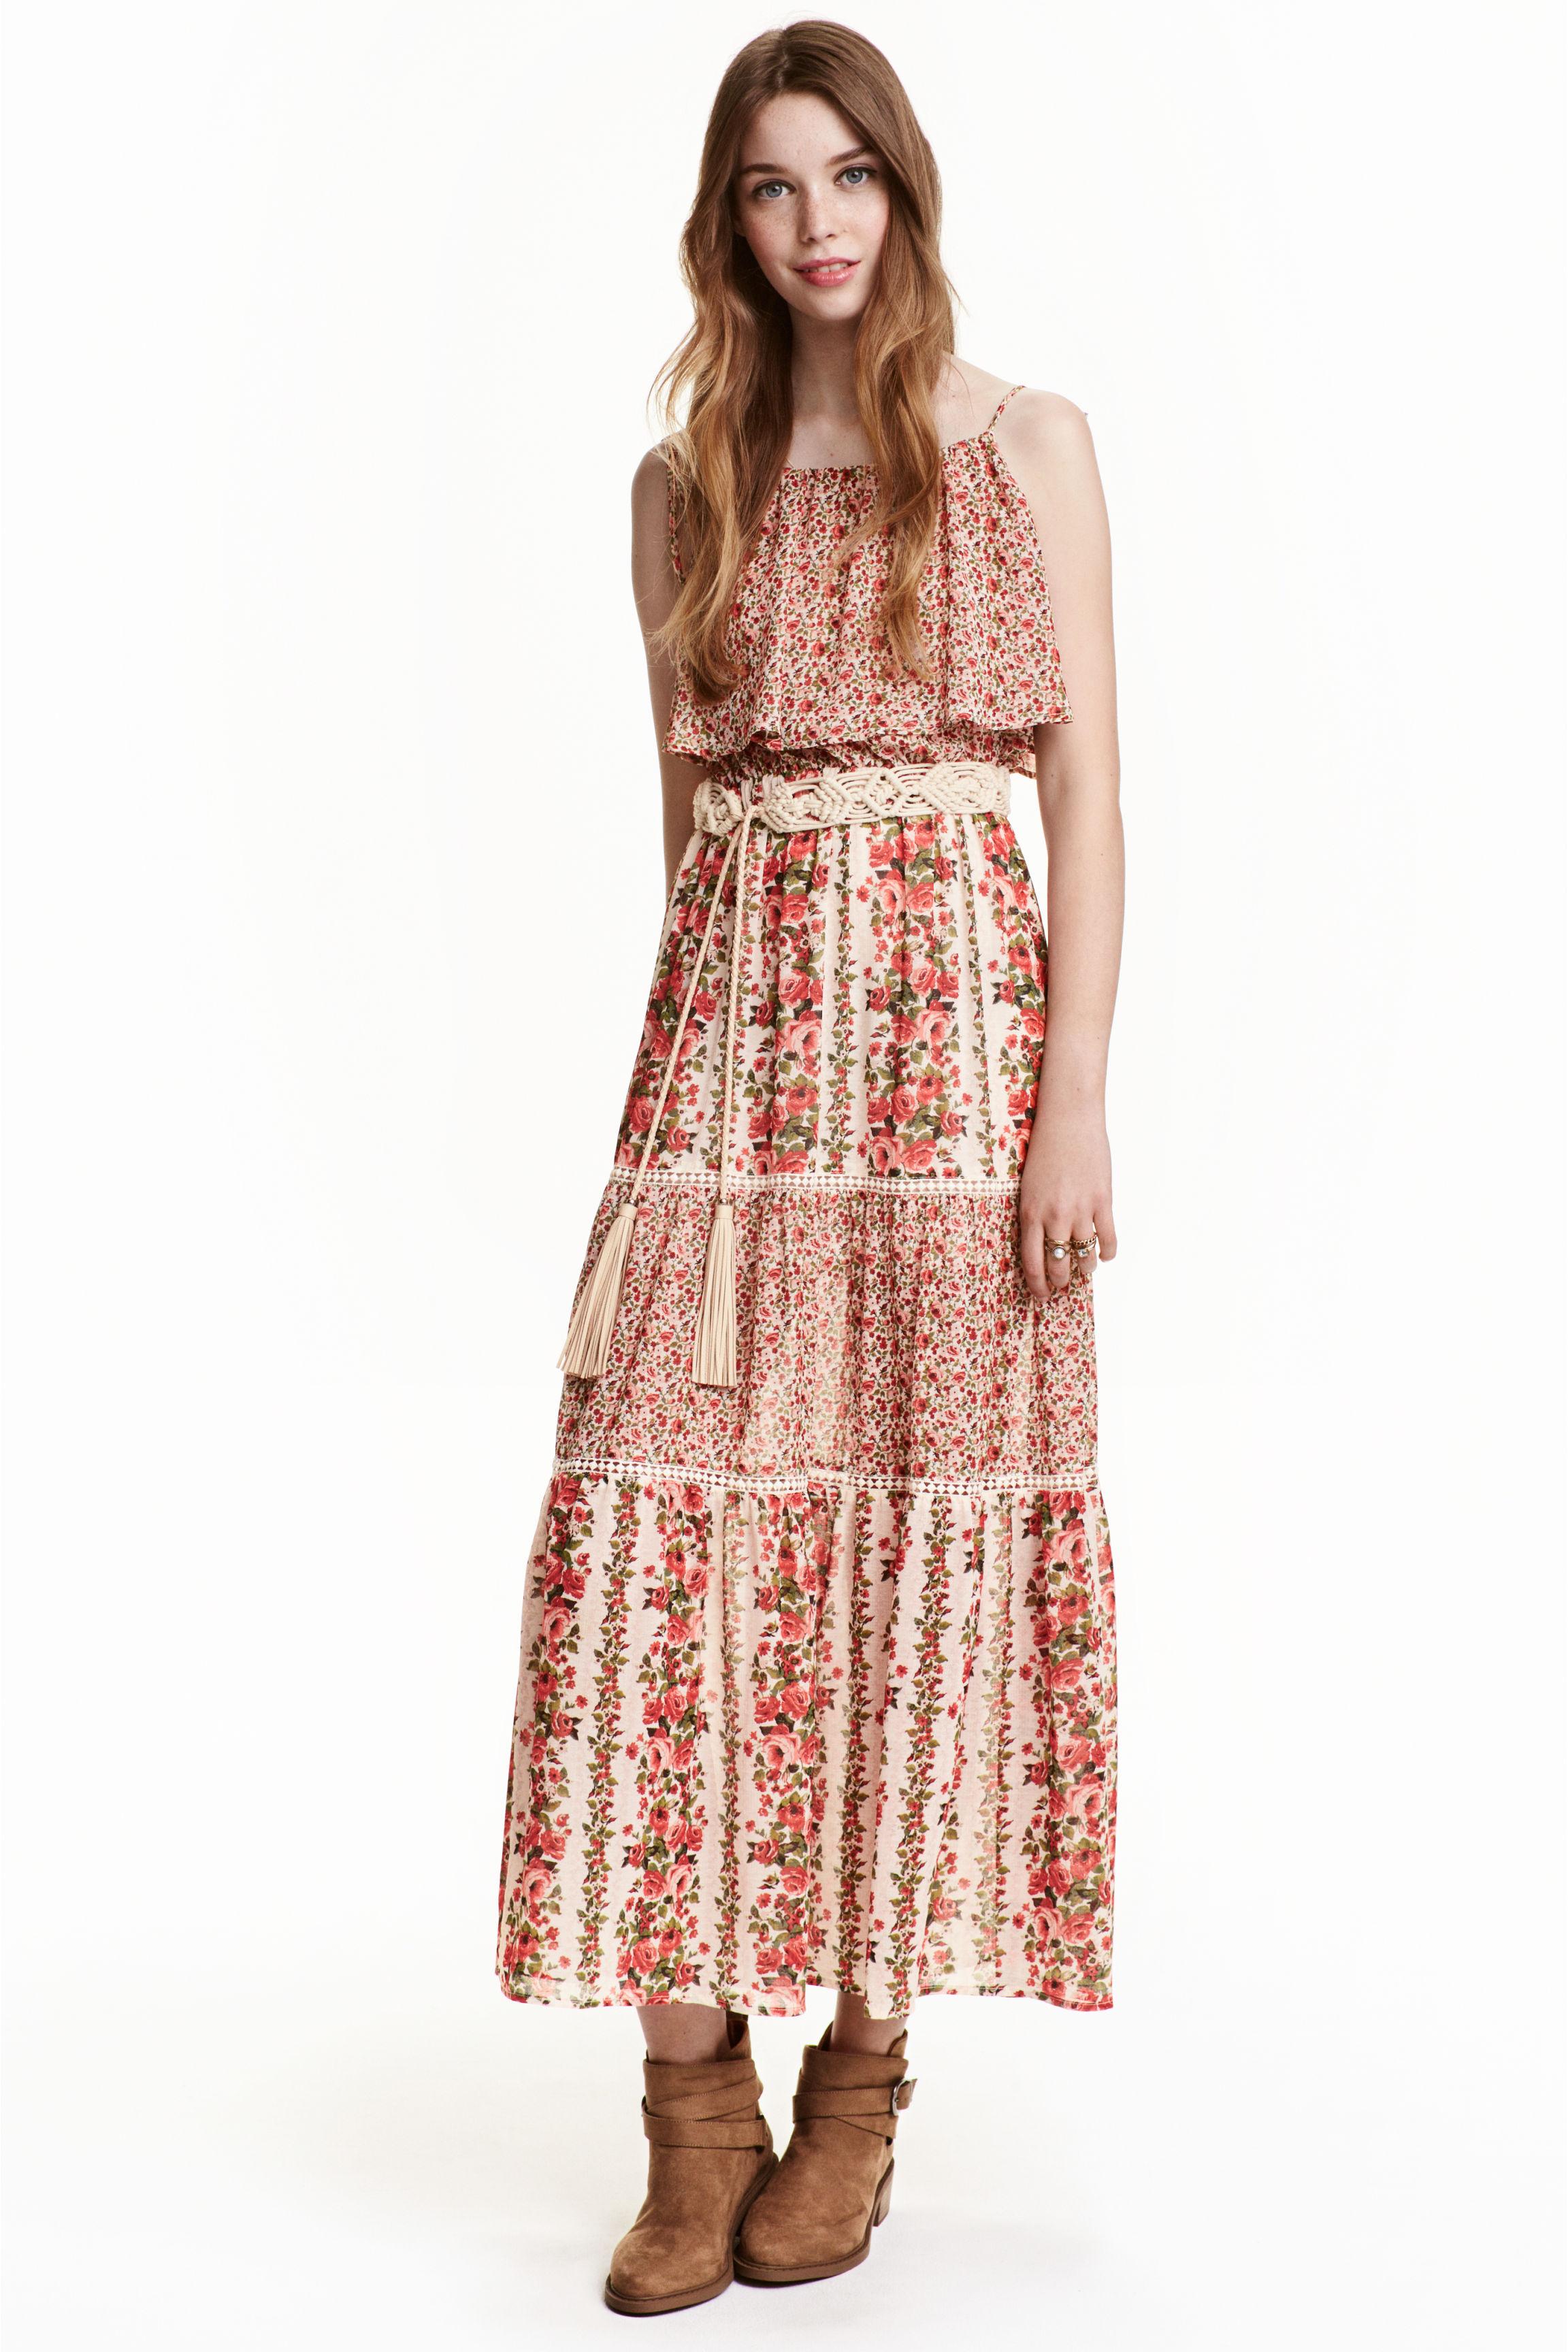 Robe hm longue mousseline imprime fleurs differentes tailles